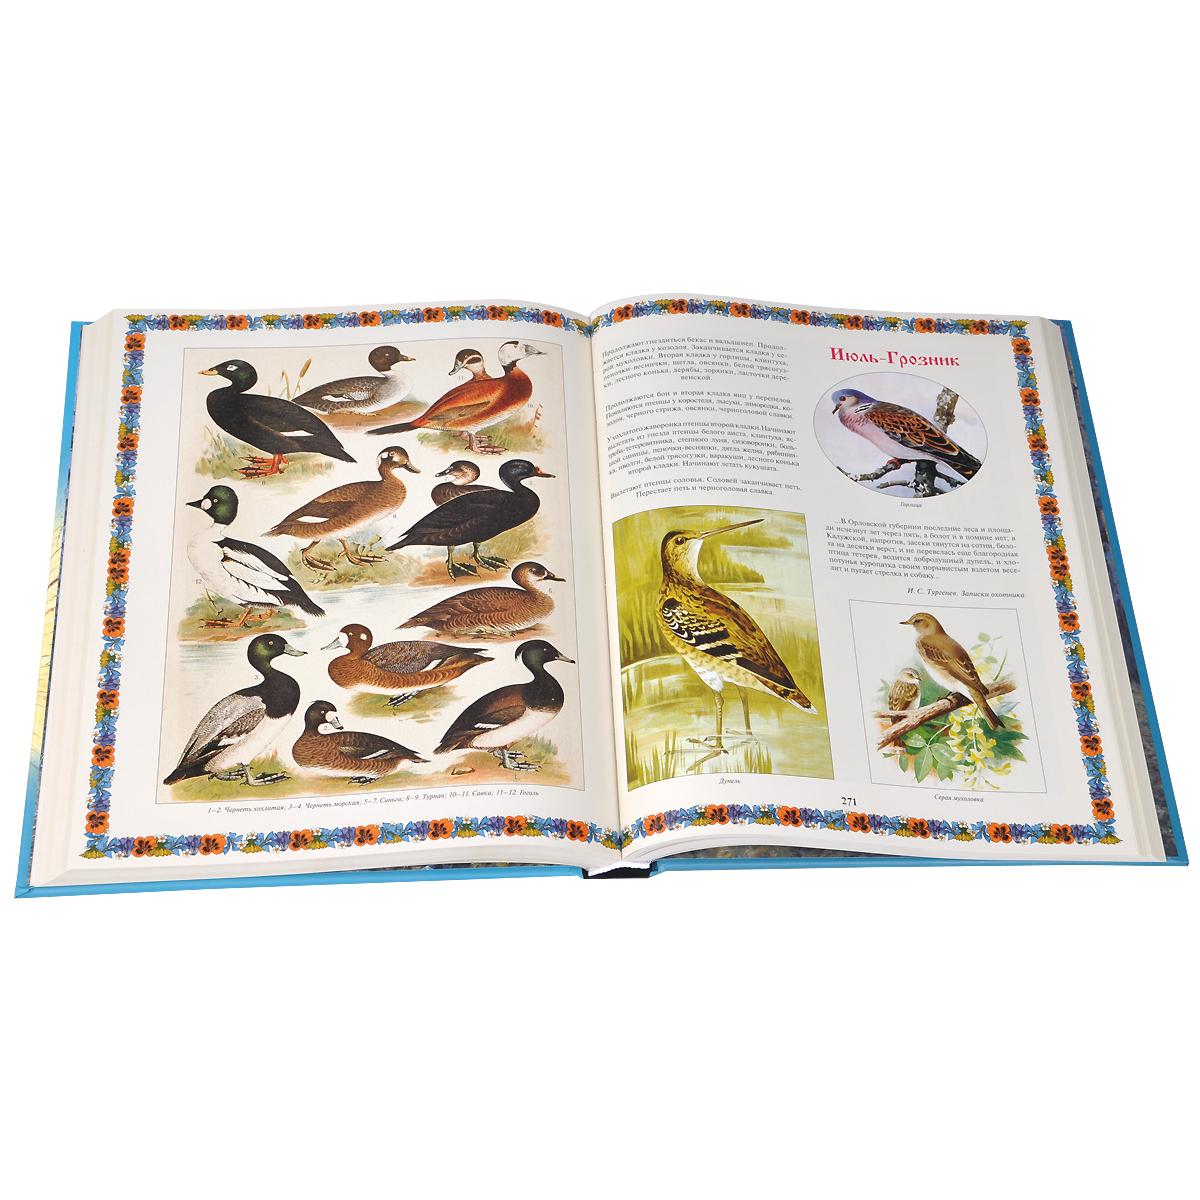 Иллюстрированный календарь русской природы (подарочное издание)